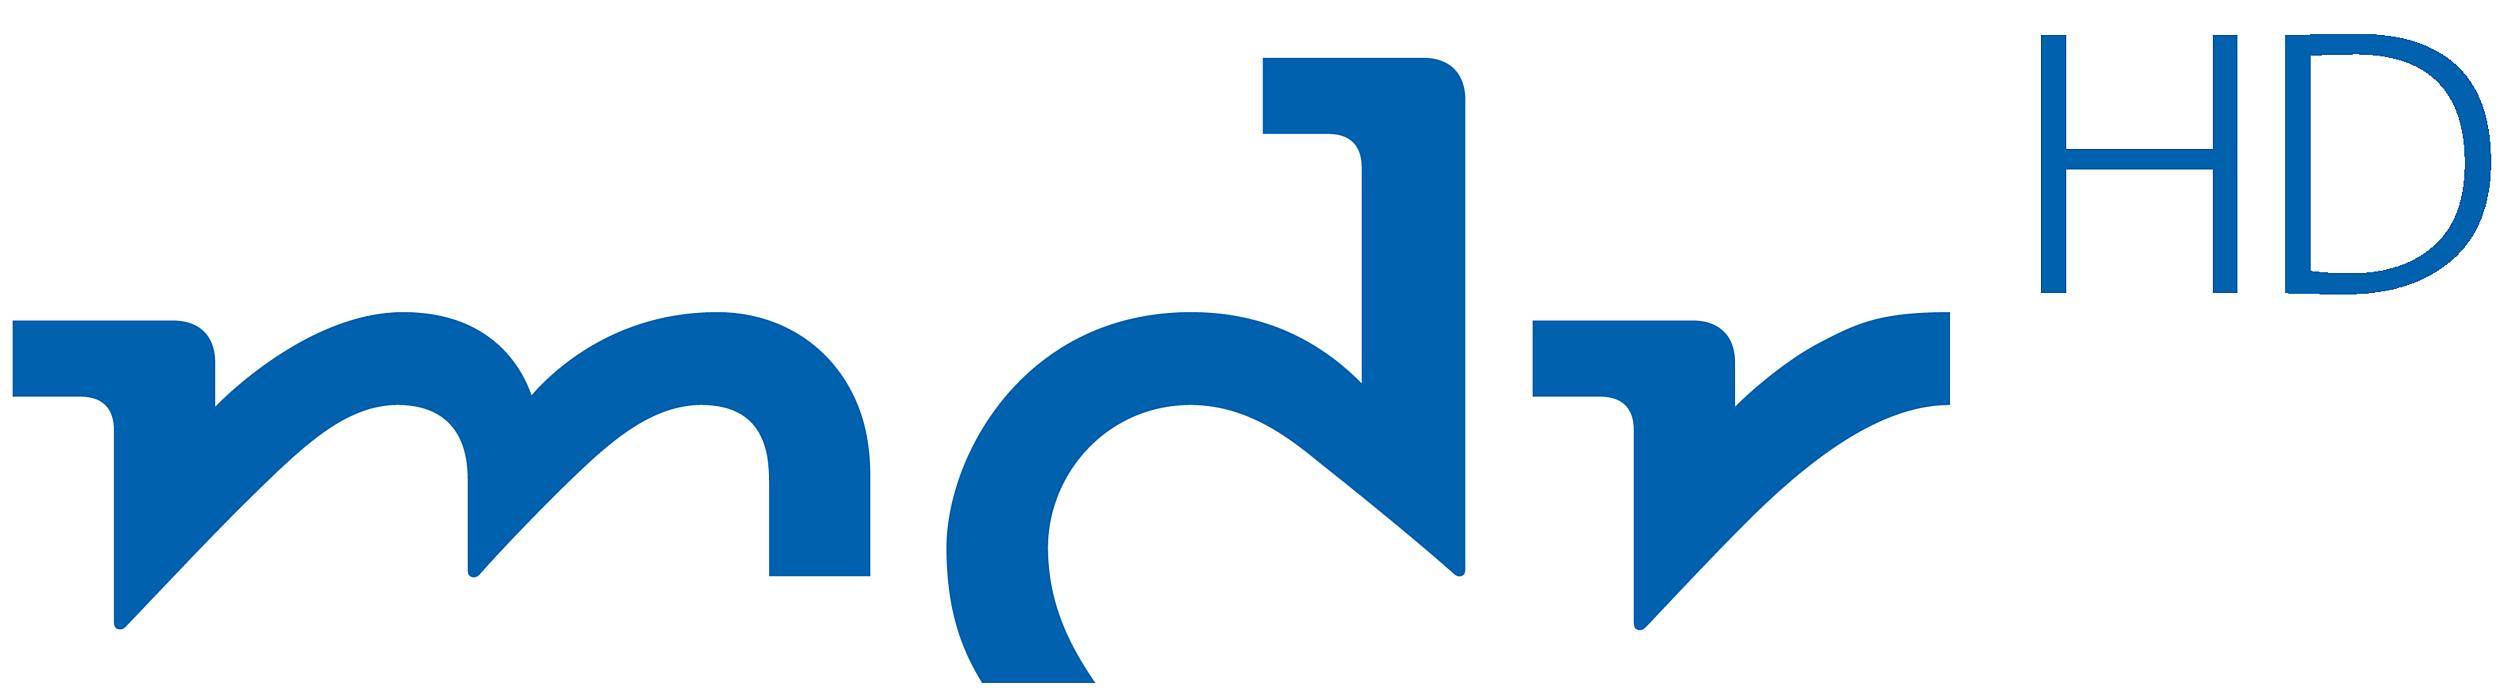 Bildergebnis für fotos vom logo tv sender mdr